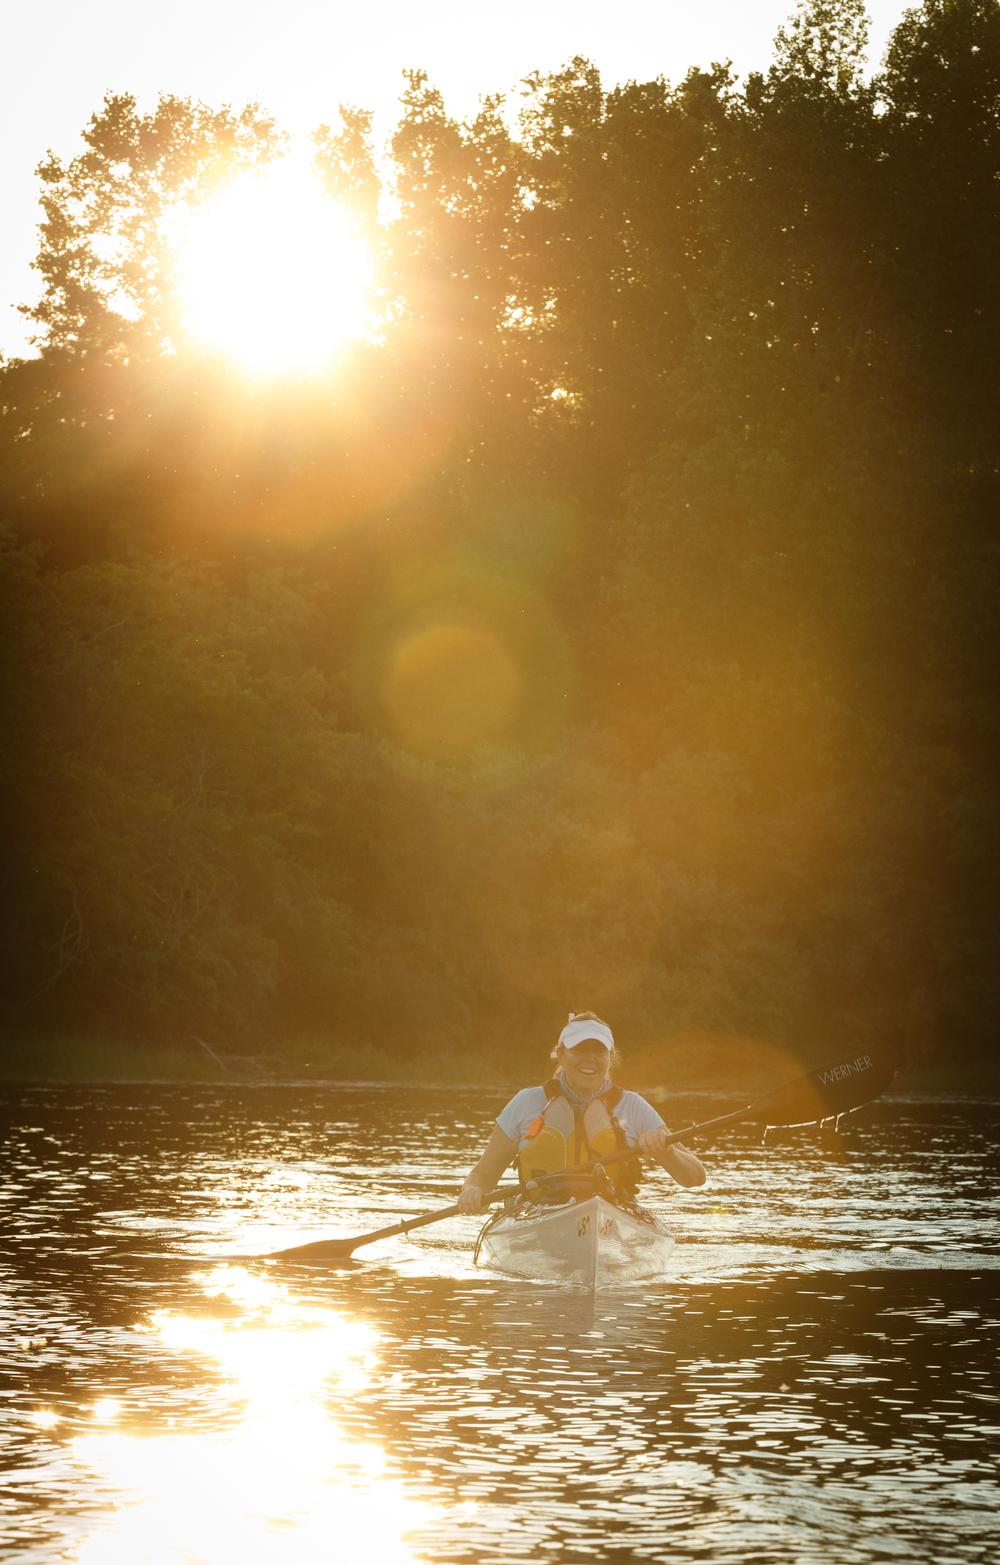 Sunset Paddle _  Jonathan Heisler __  06292016 _ 026.jpg